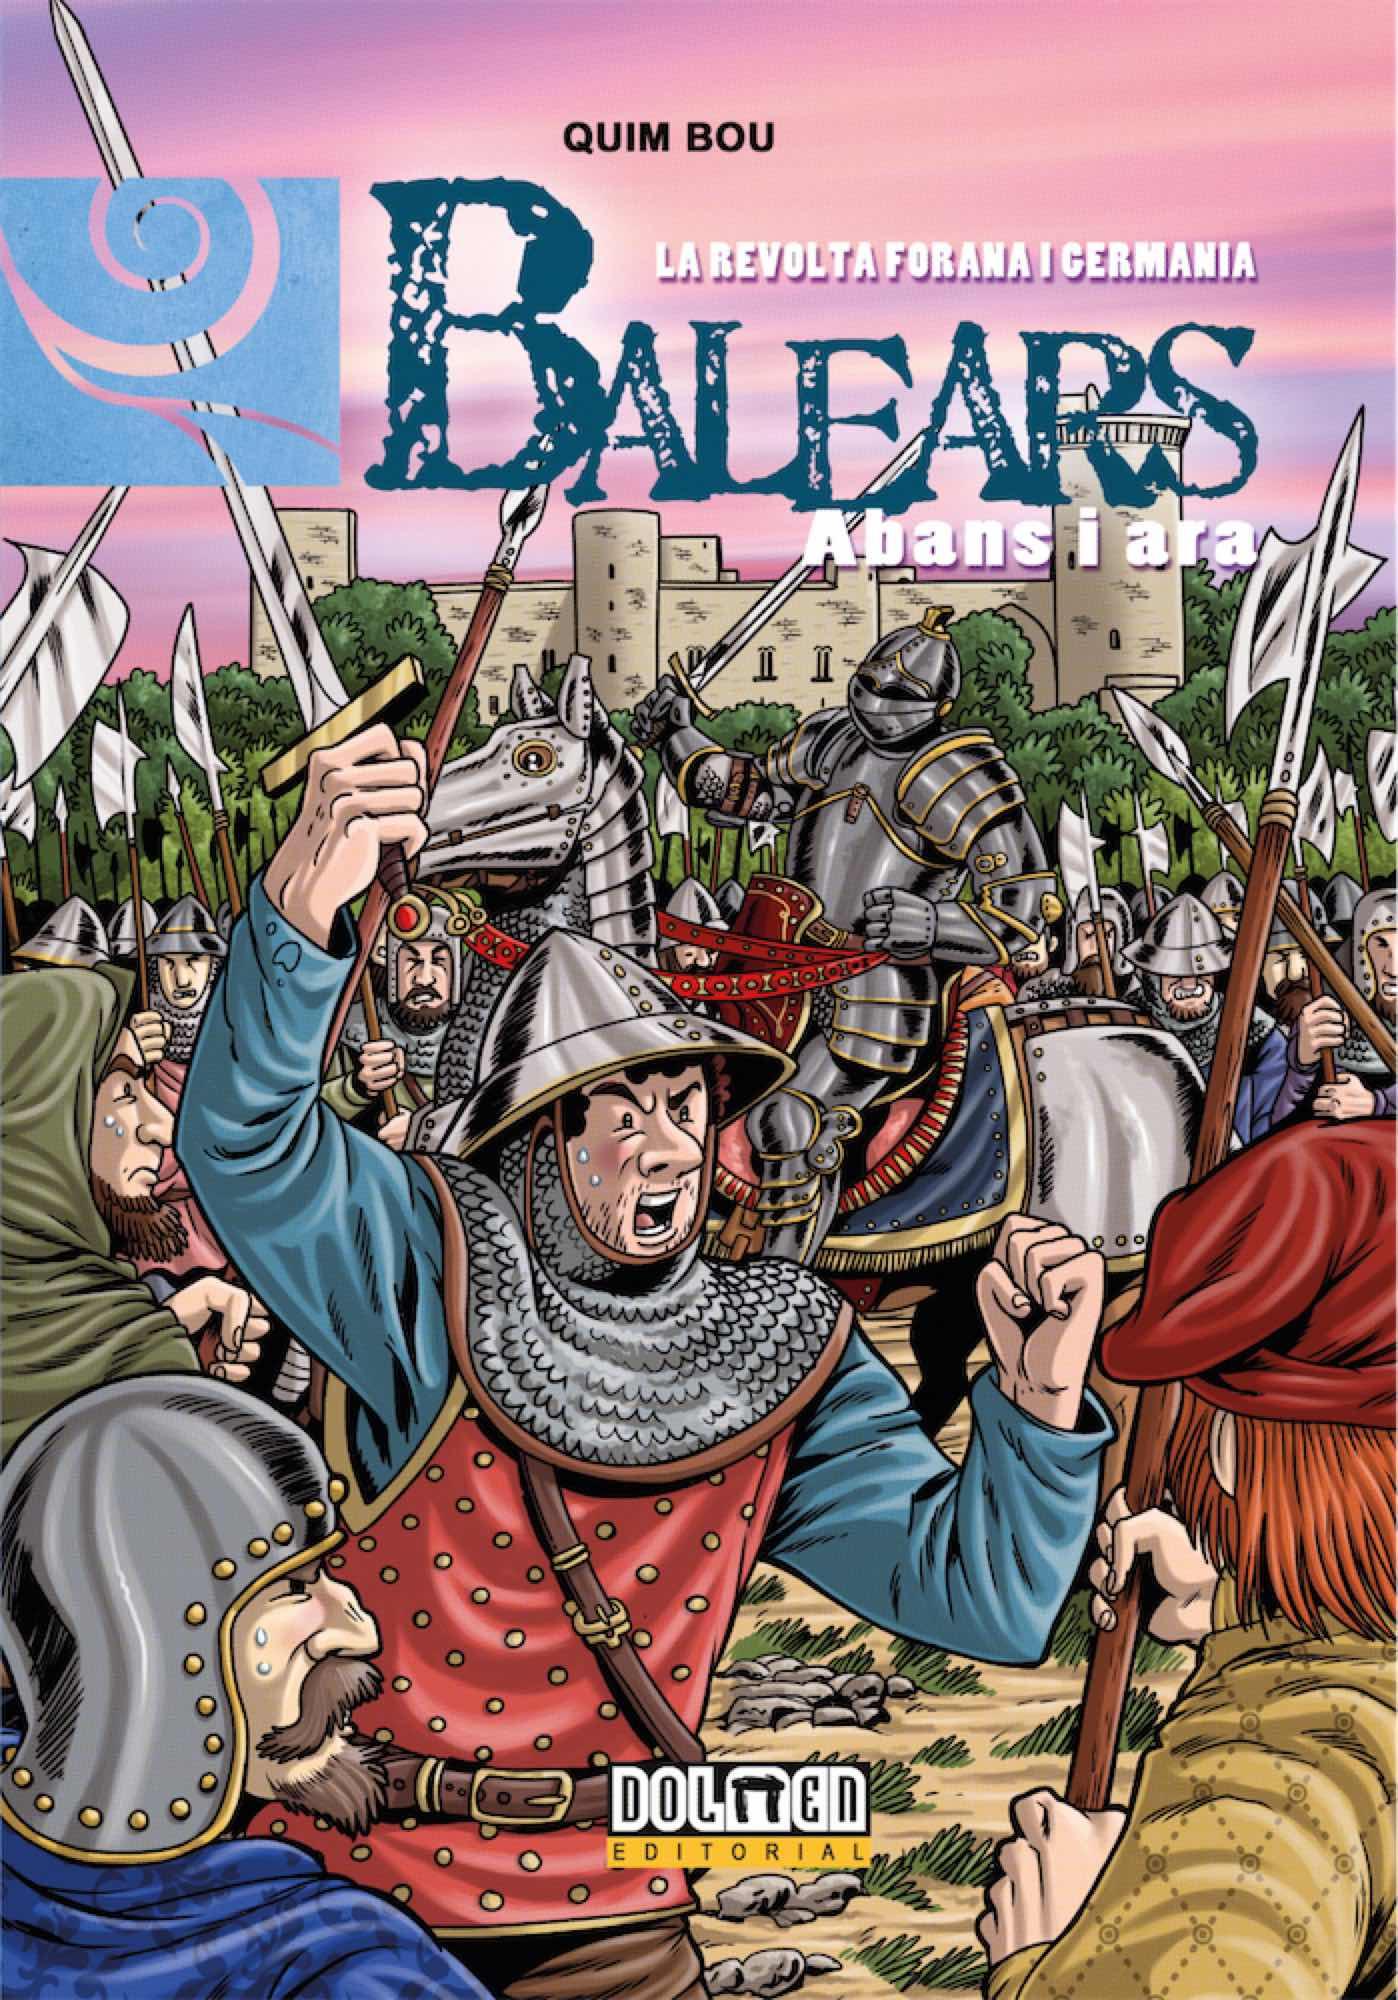 BALEARS ABANS I ARA 09: LA REVOLTA FORANA I GERMANIA (CATALAN)